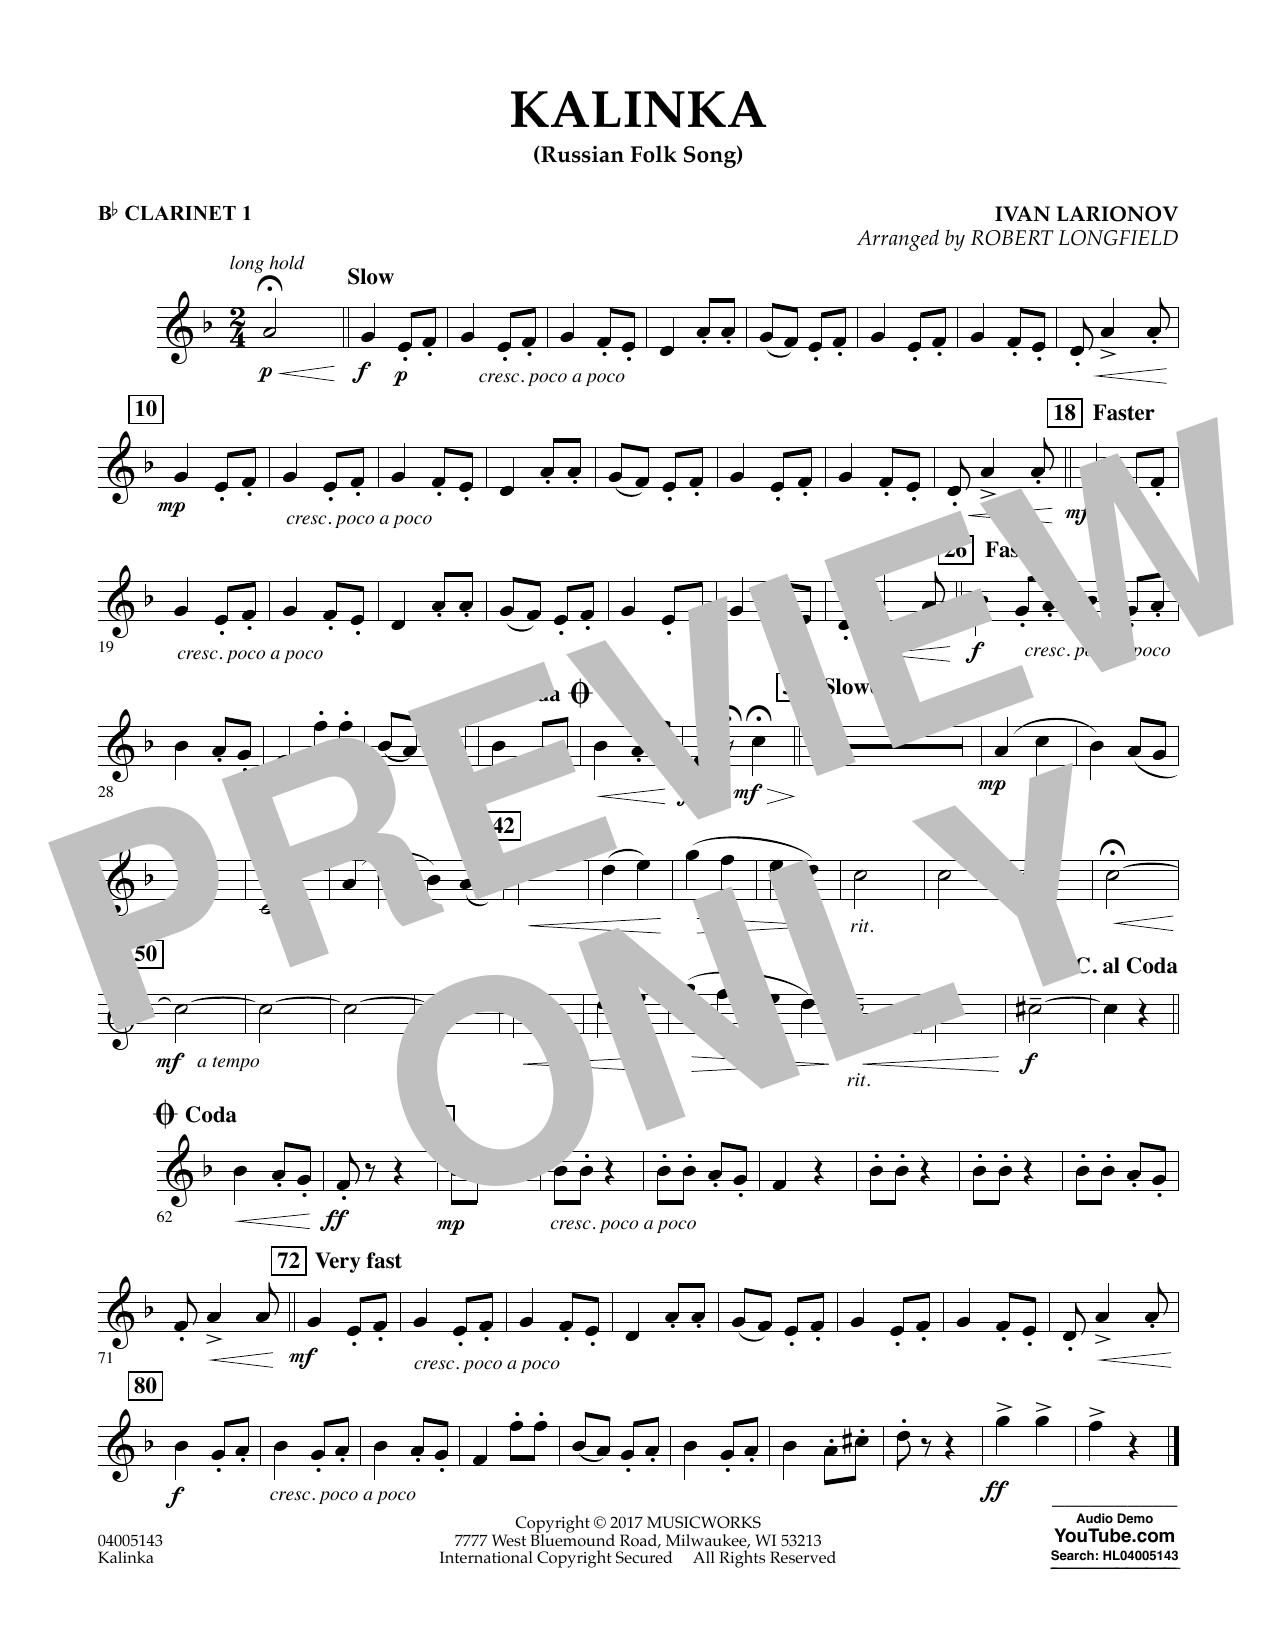 Robert Longfield Kalinka (Russian Folk Song) - Bb Clarinet 1 sheet music notes and chords. Download Printable PDF.